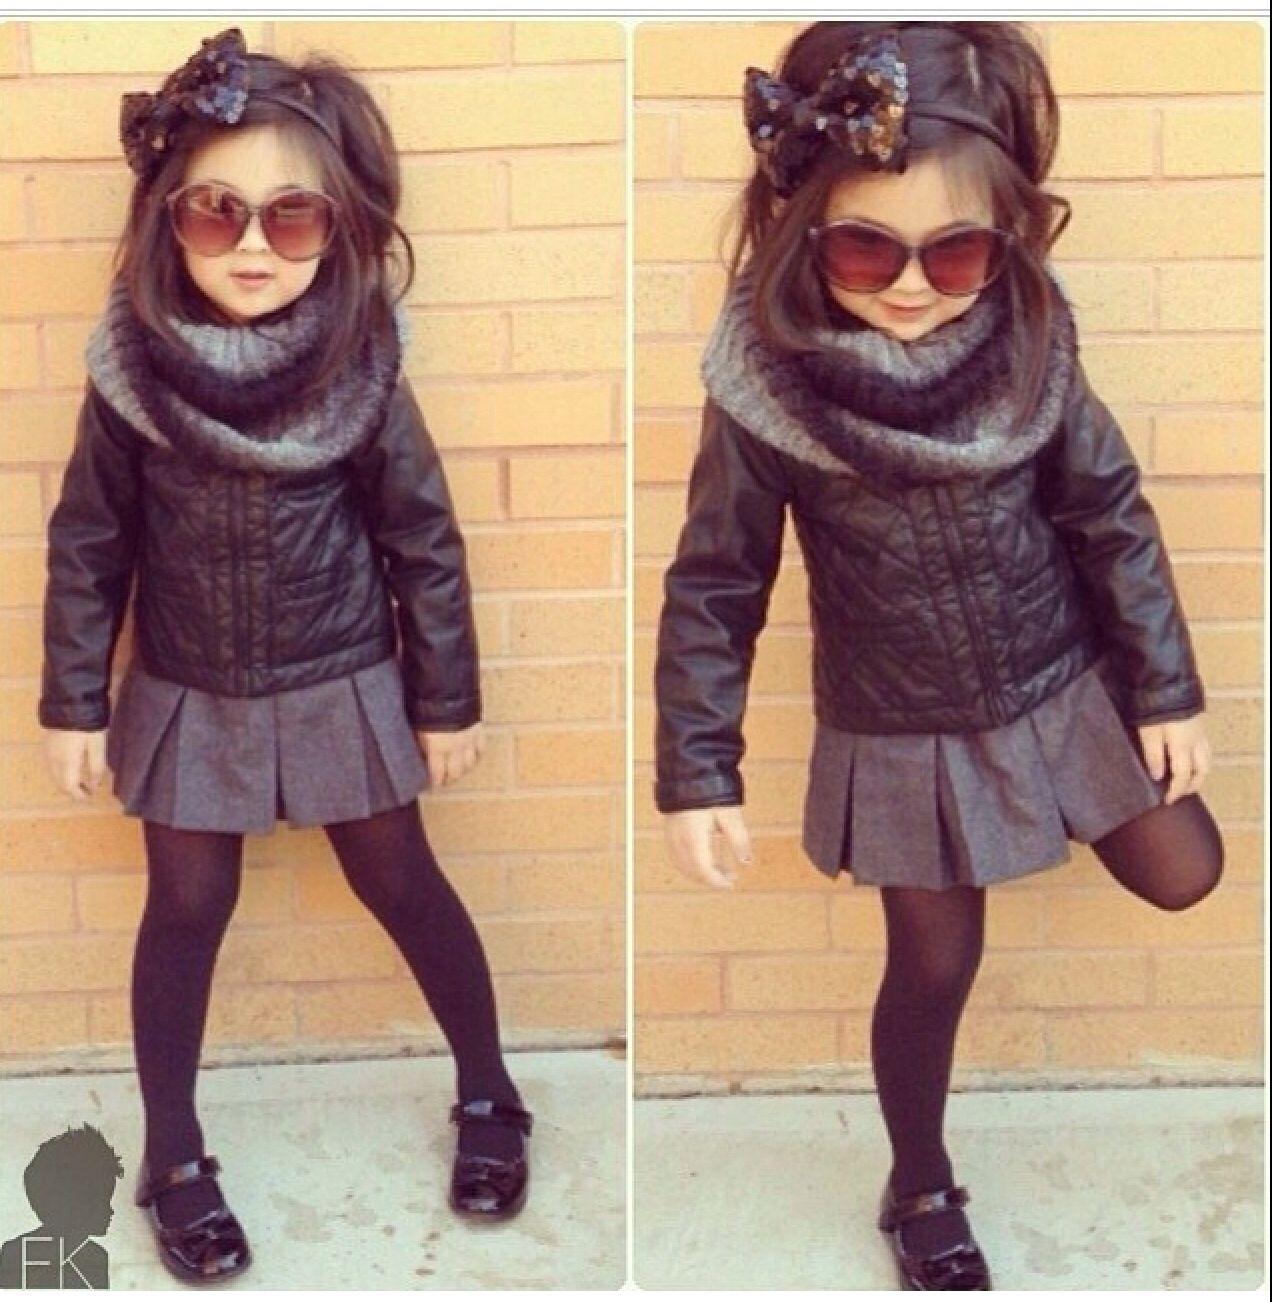 a9cce89e3 Cute Outfity Pre Malé Dievčatká, Móda Pre Malé Dievčatá, Oblečenie Pre  Batoľatá, Móda